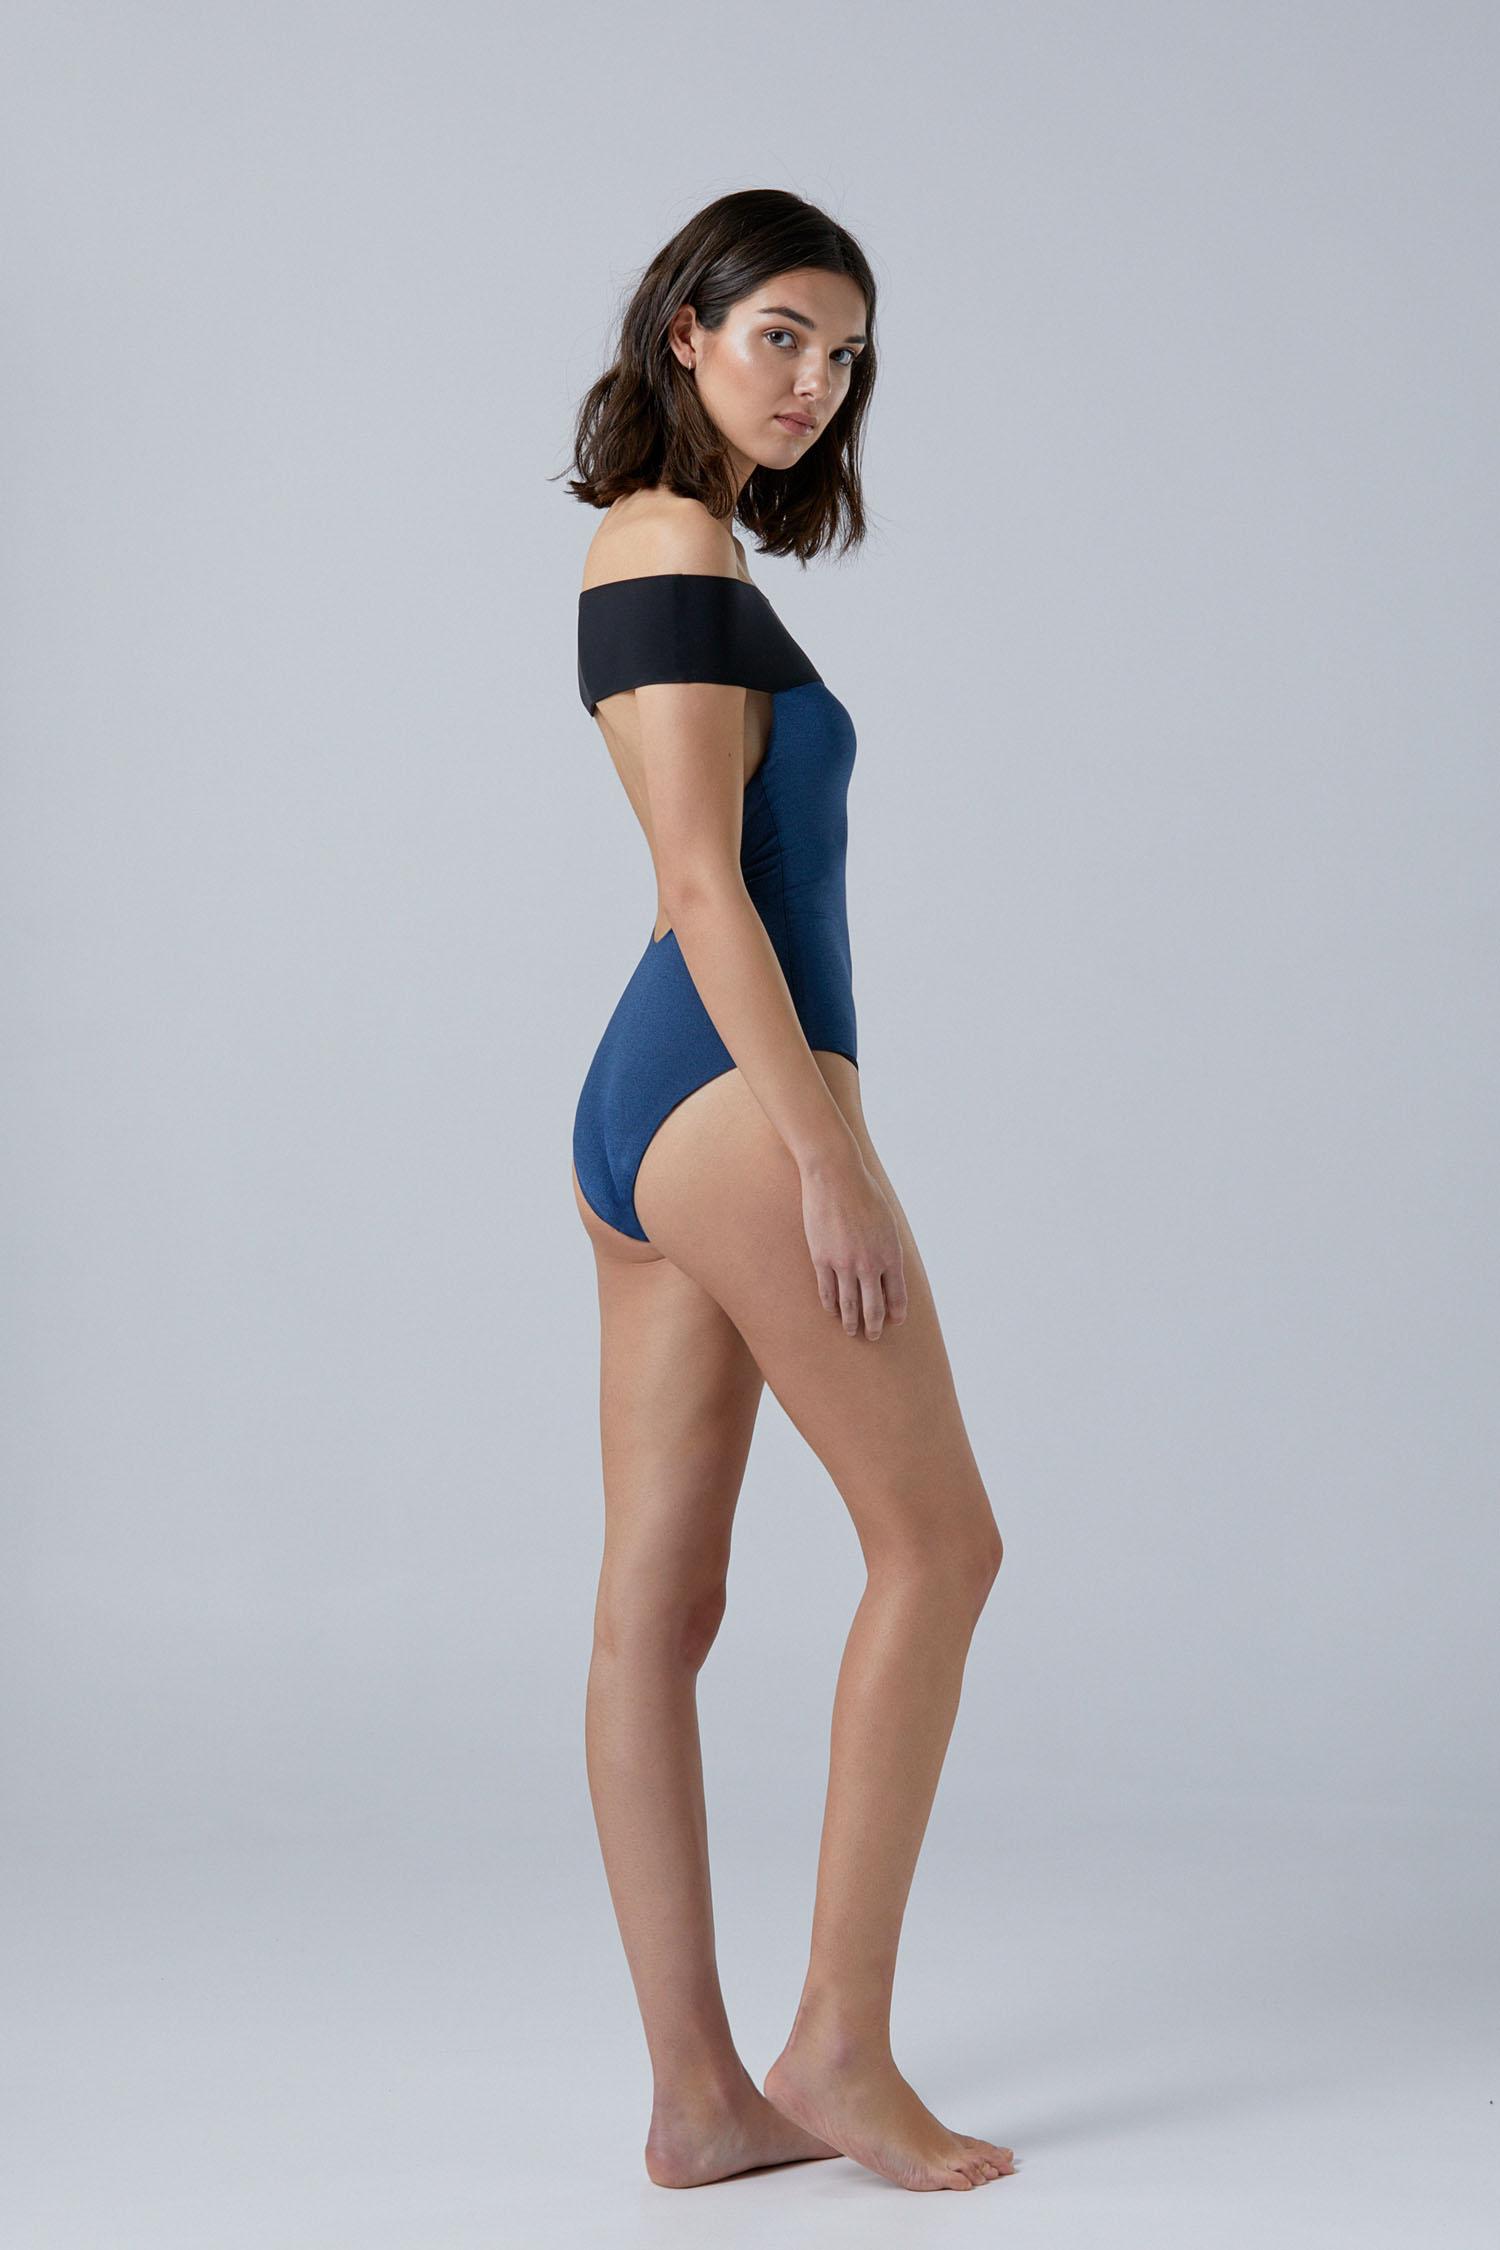 Tombo premium lurex onepiece, by NOW_THEN eco swimwear / bañador ecológico premium lurex